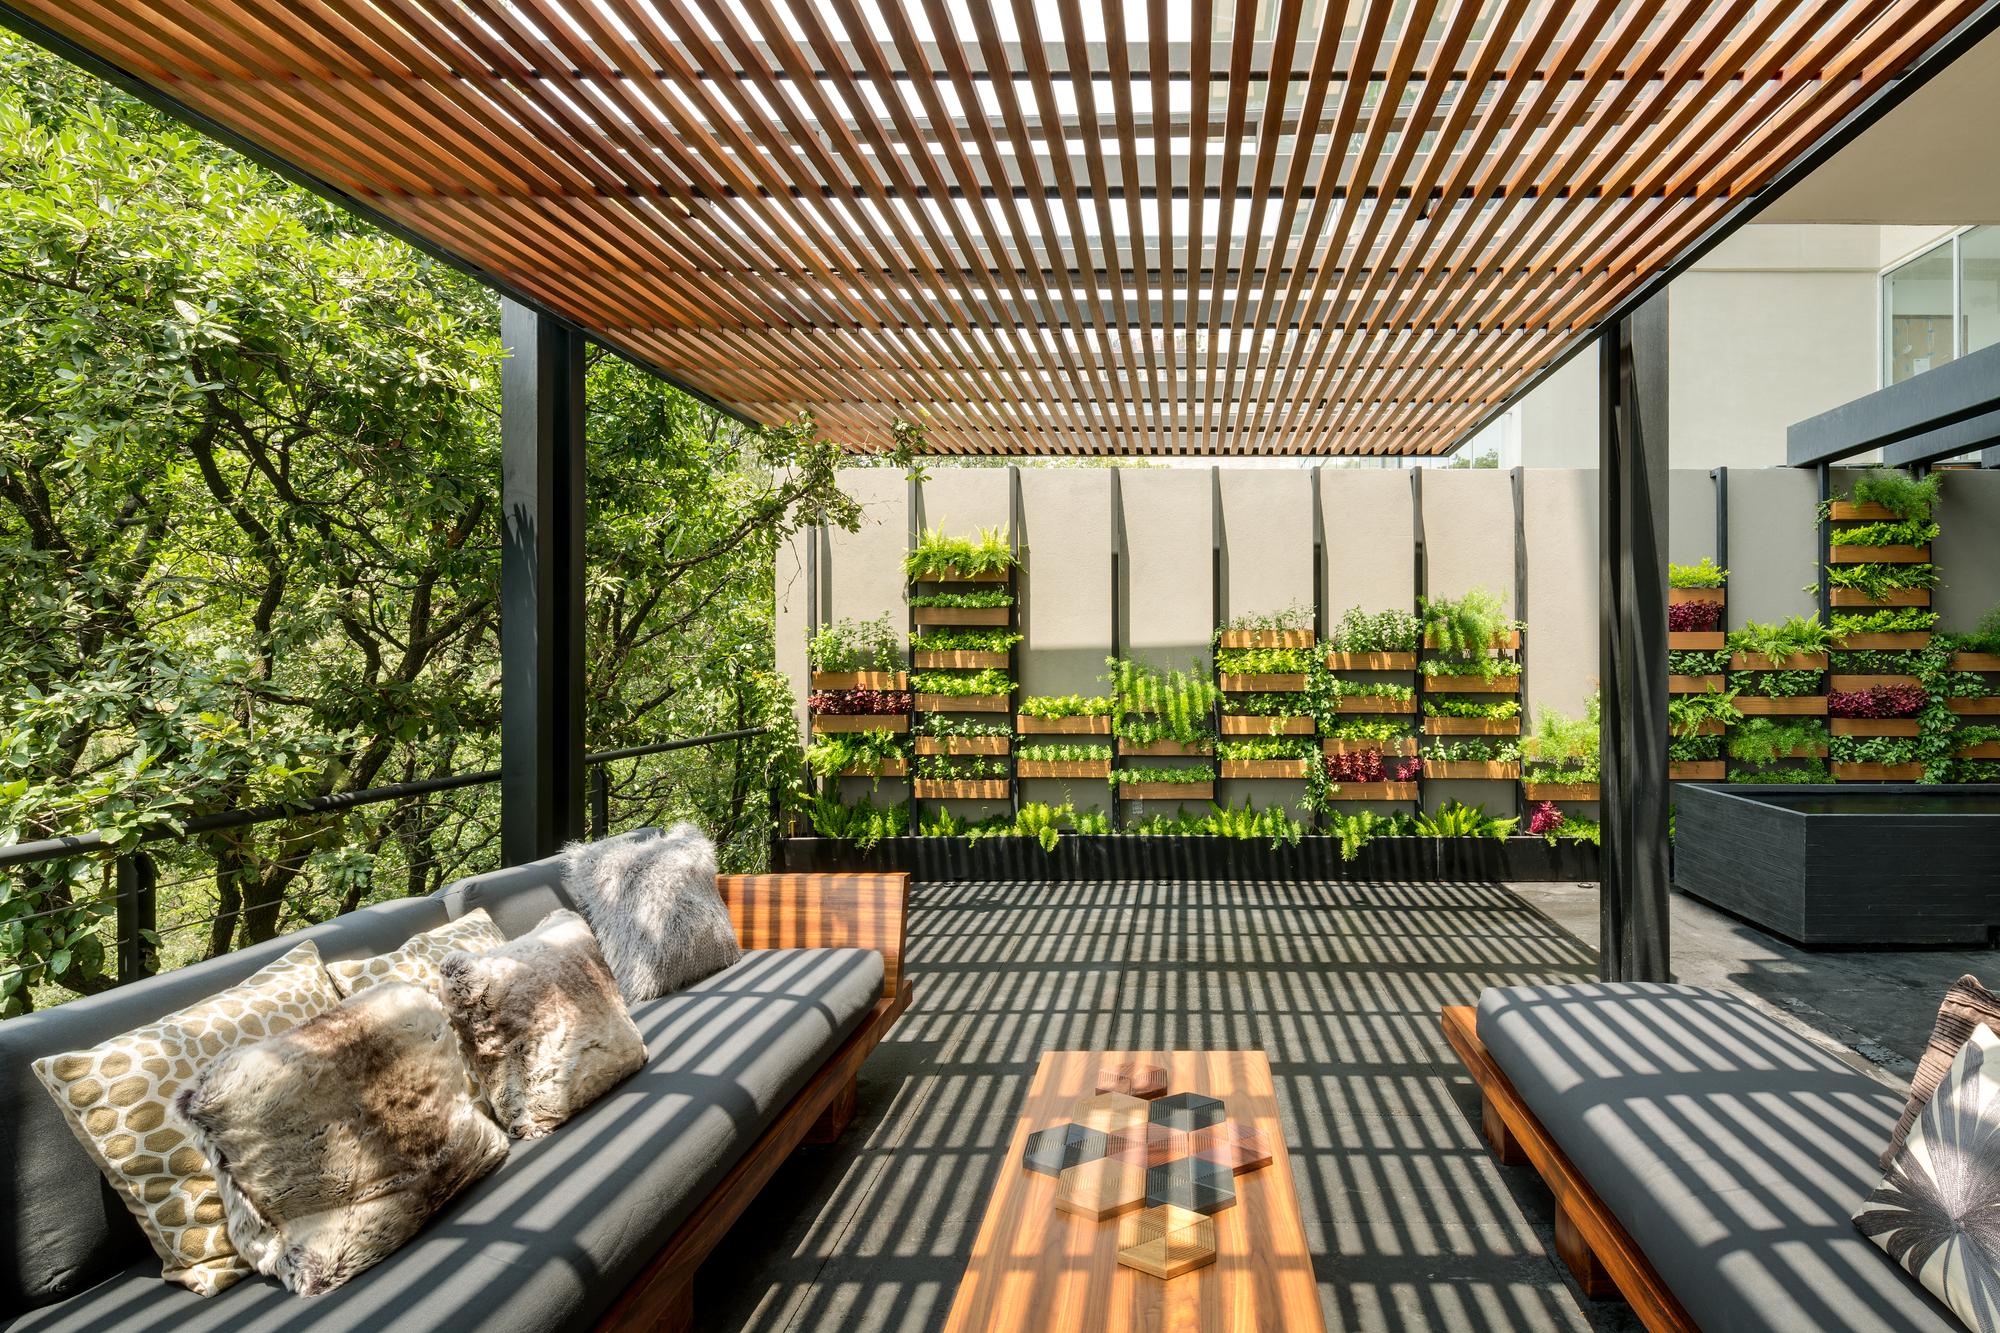 Galer a de villa jard n asp arquitectura sergio portillo 5 for Damson house garden design